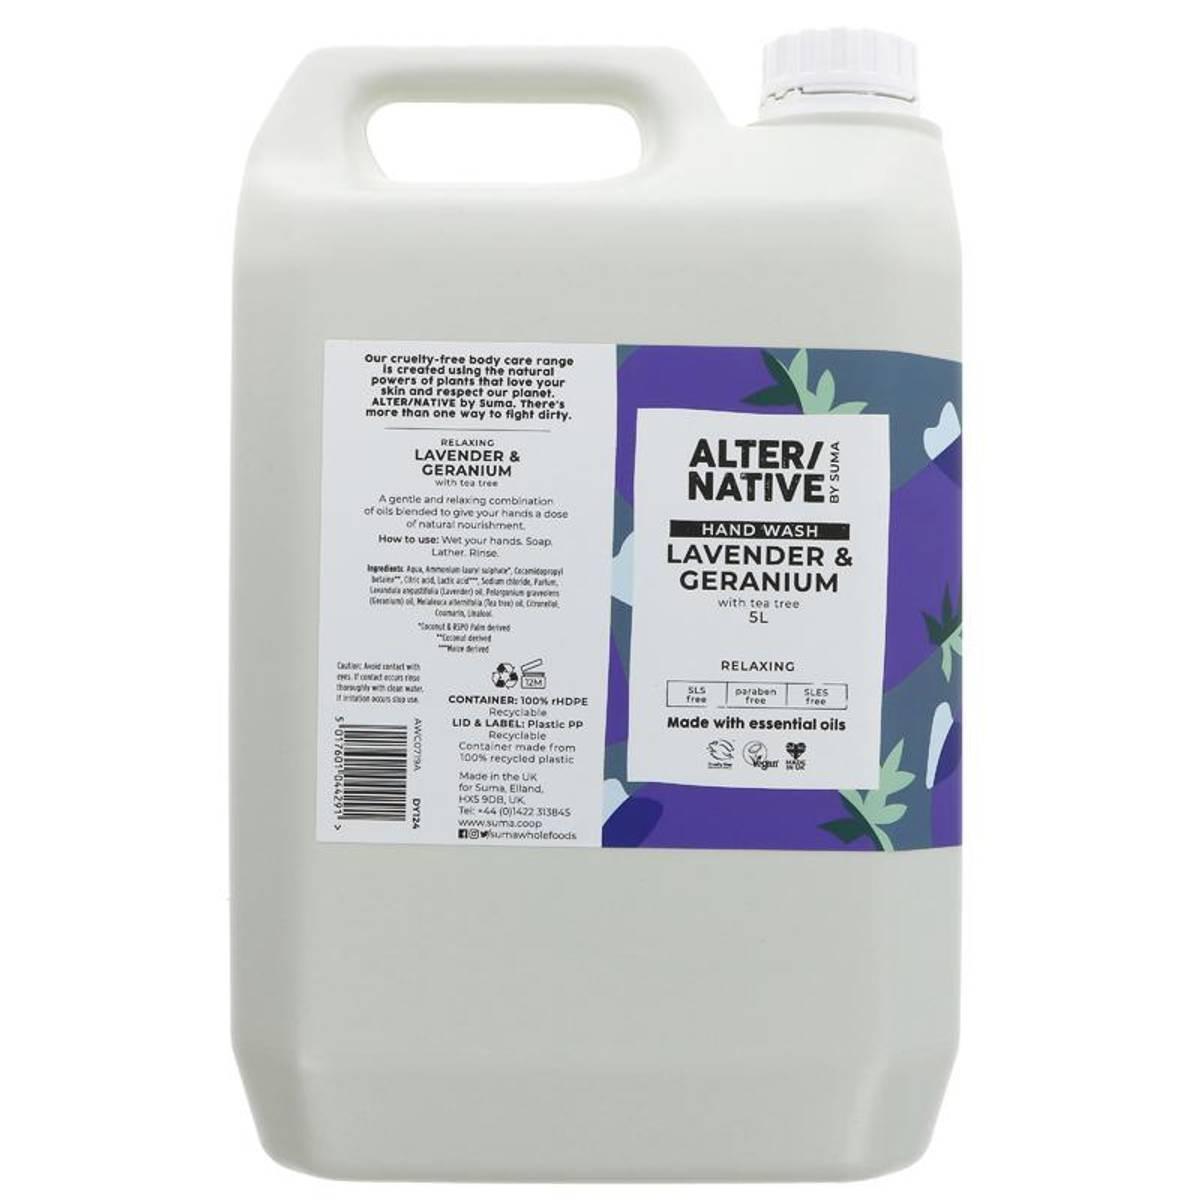 5L flytende håndsåpe  Lavender & Geranium / Alter/native